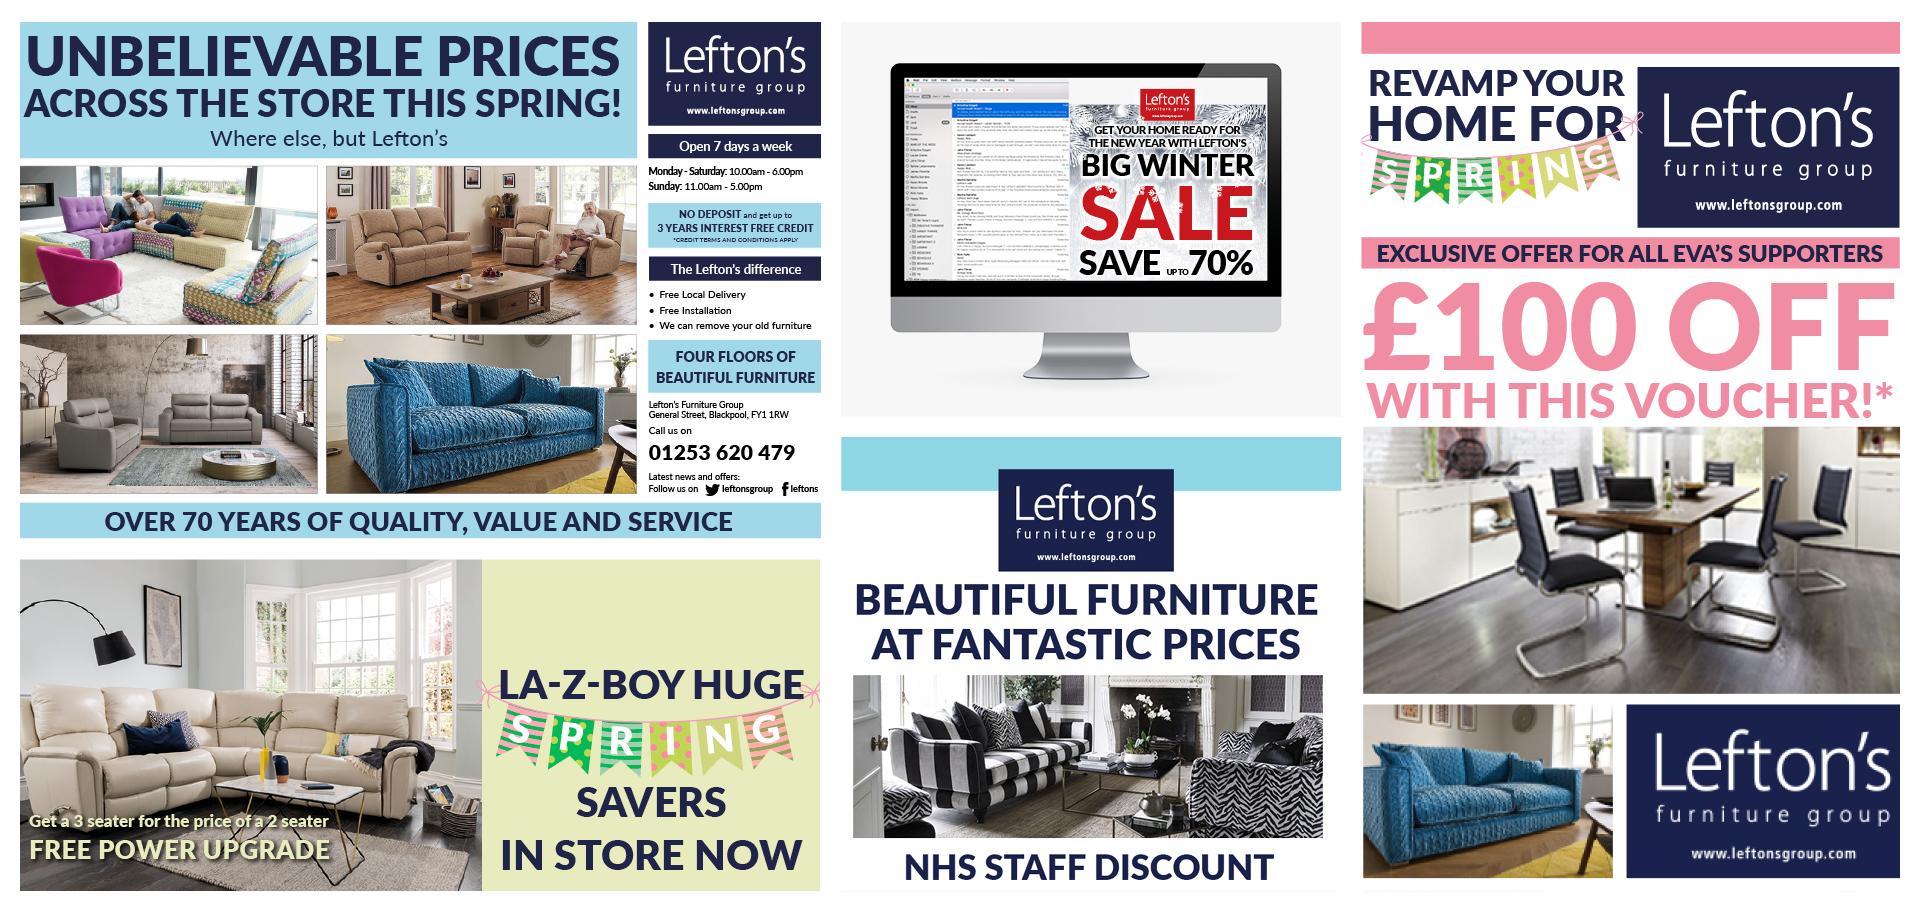 Lefton's Furniture branding materials